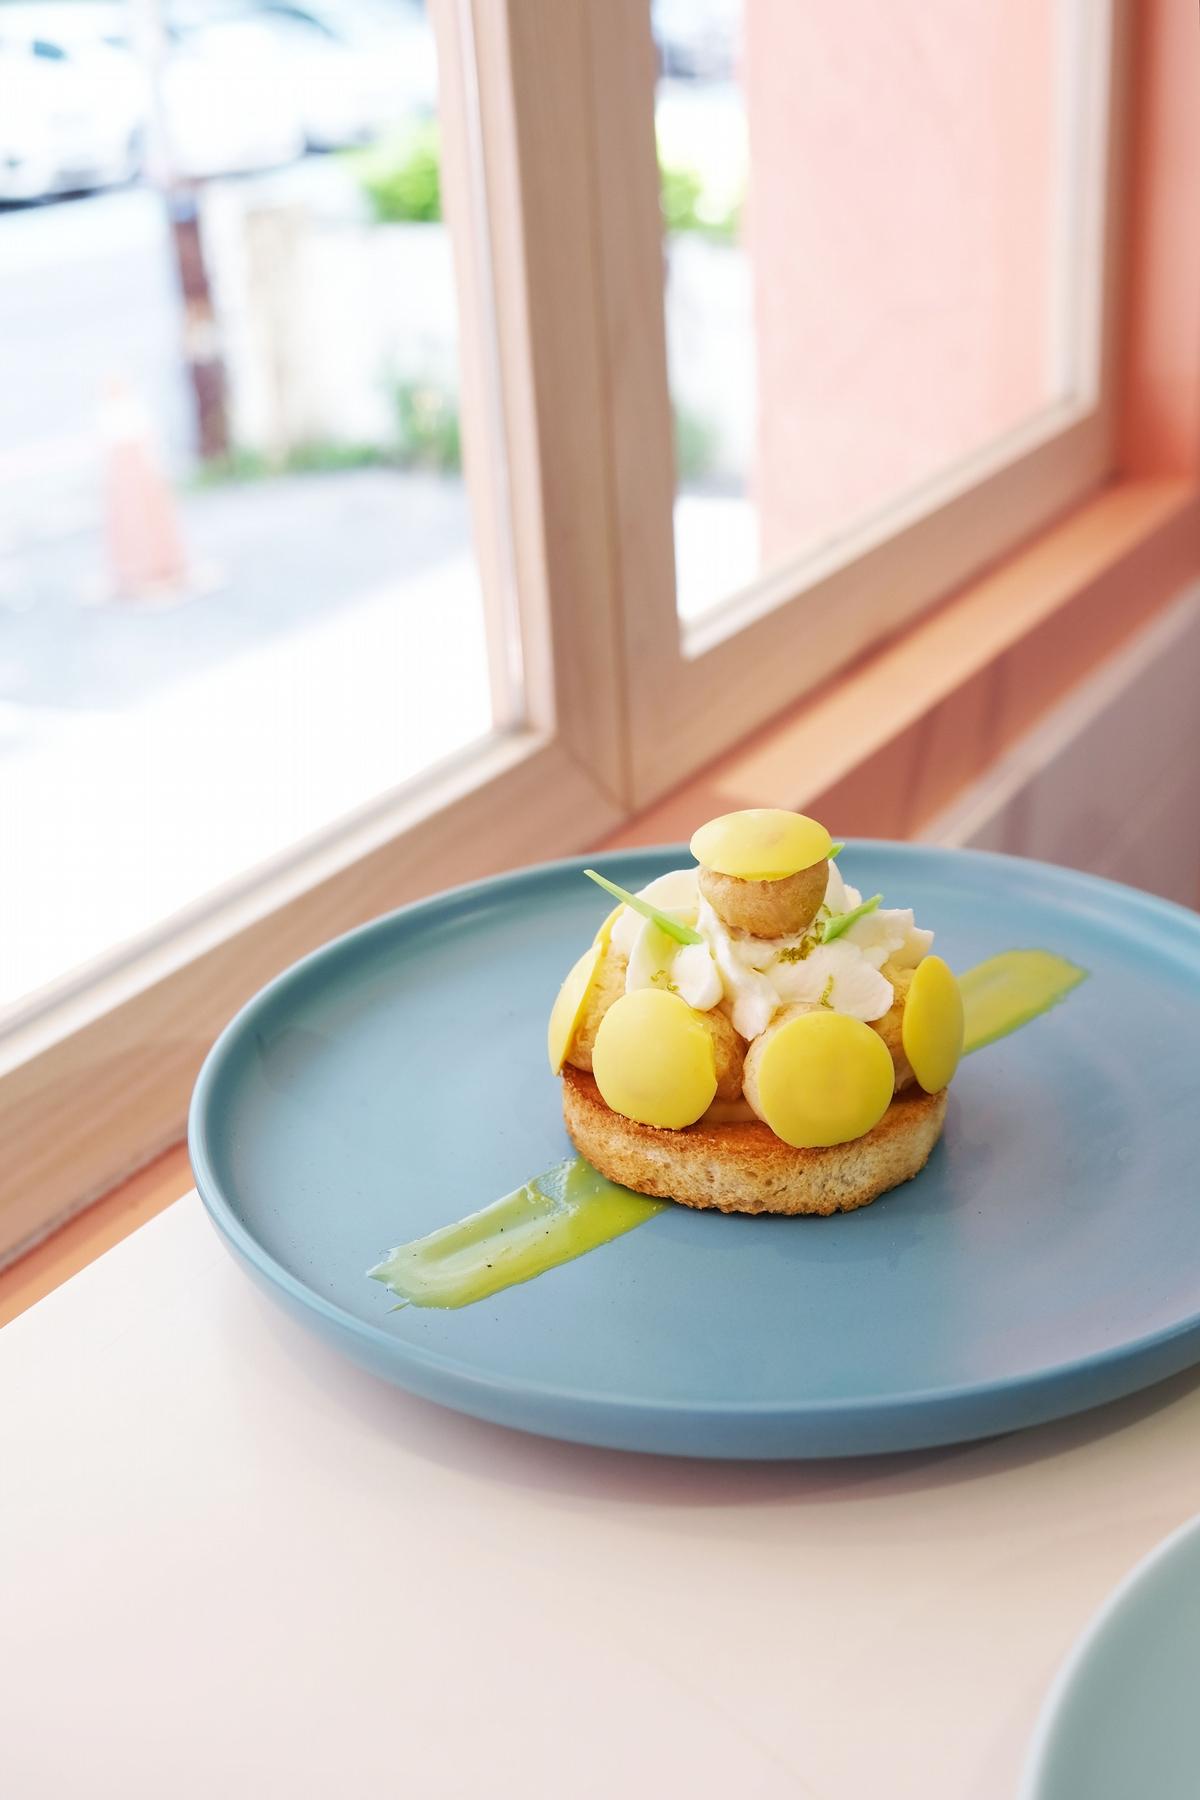 義美小泡芙出甜點?Dazzling x 義美把巧克力、檸檬口味化作療癒泡芙塔,甜點控必吃!